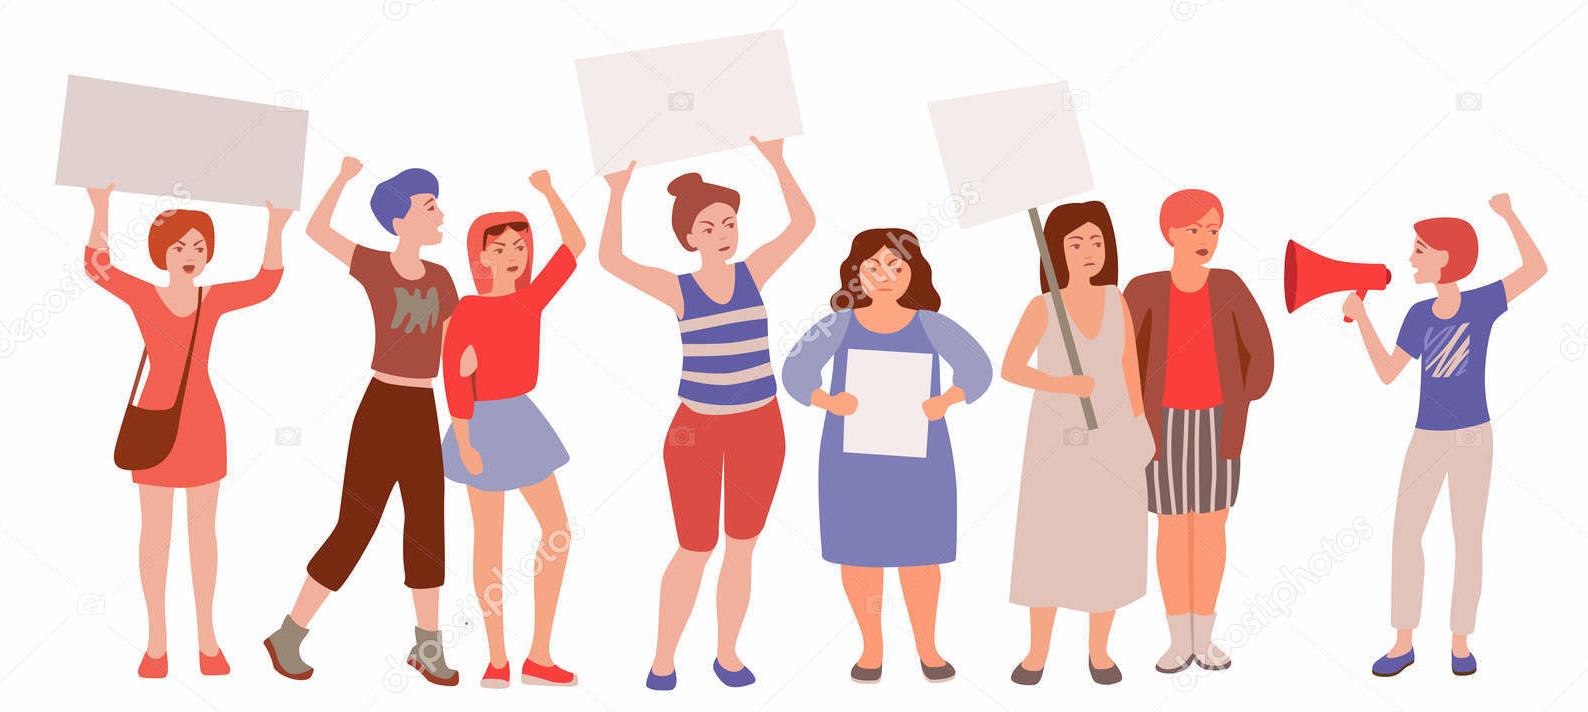 Protección de derechos de las mujeres